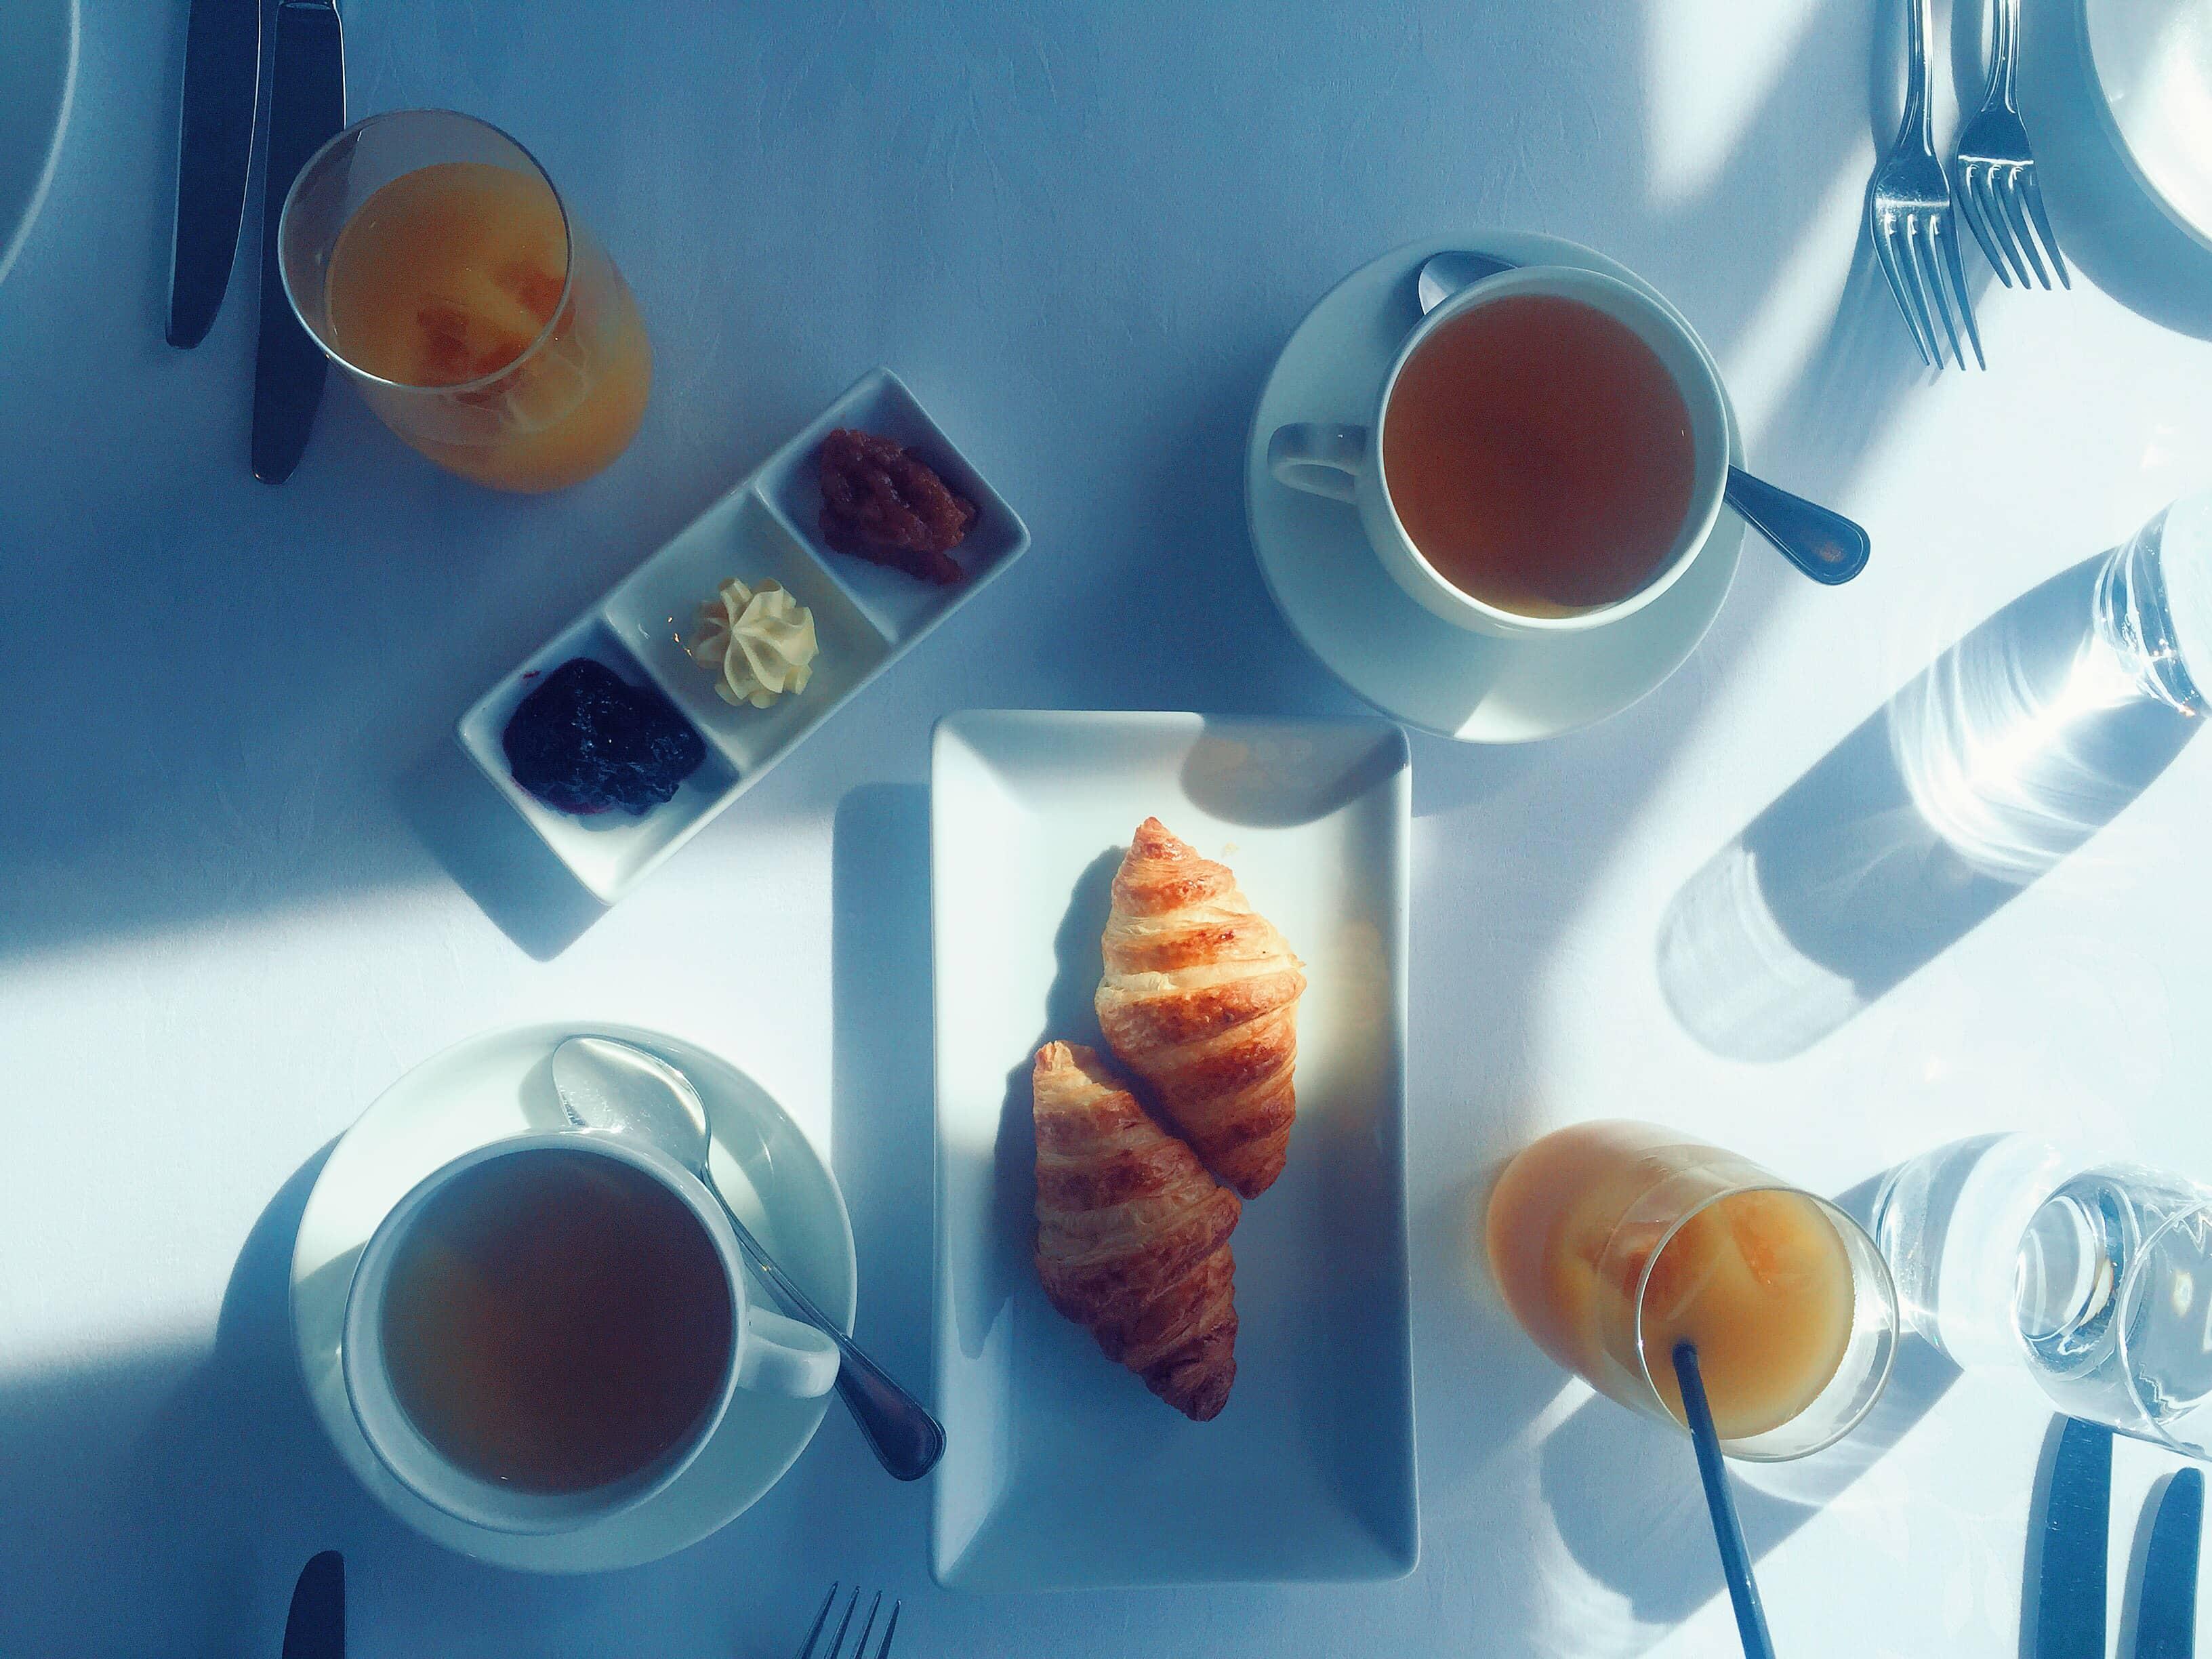 jonah's breakfast